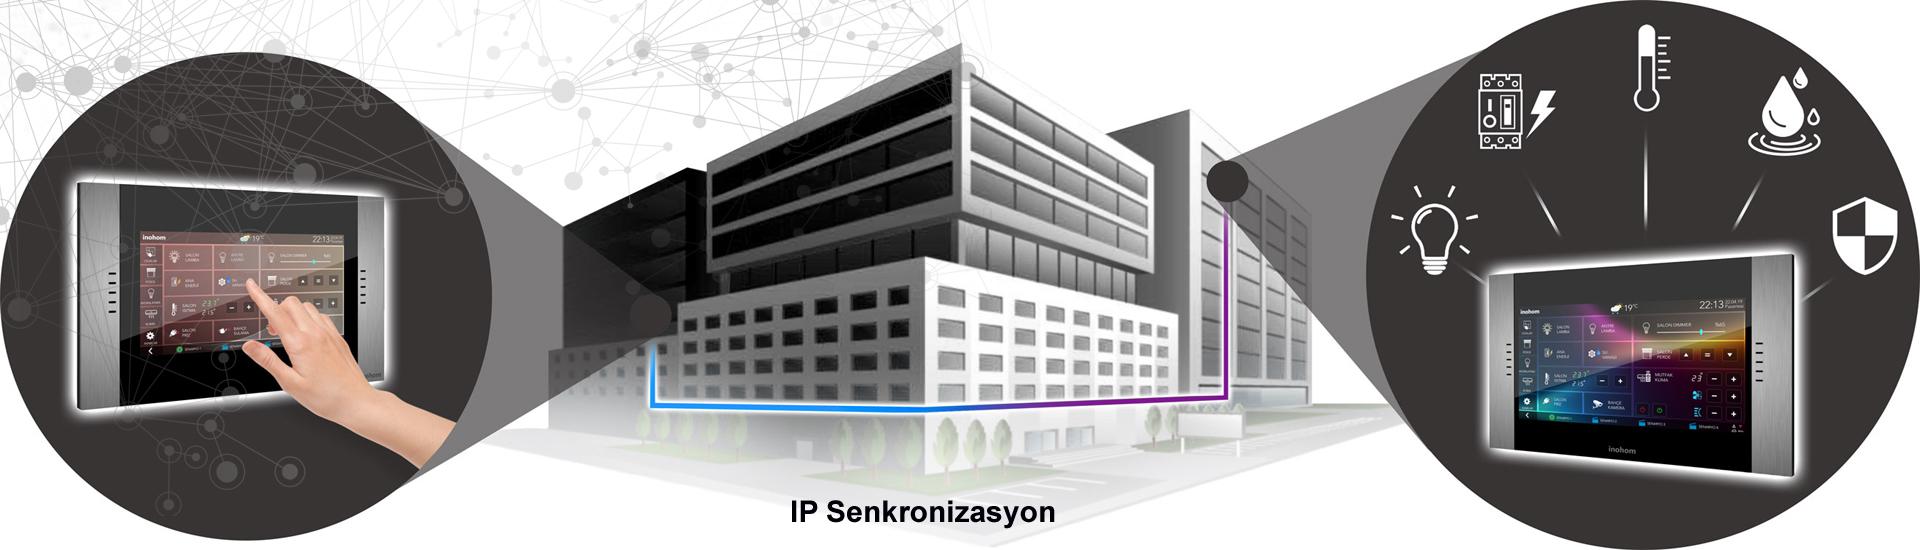 my_world_teknoloji_bursa_akıllı_ev_sistemi (1)